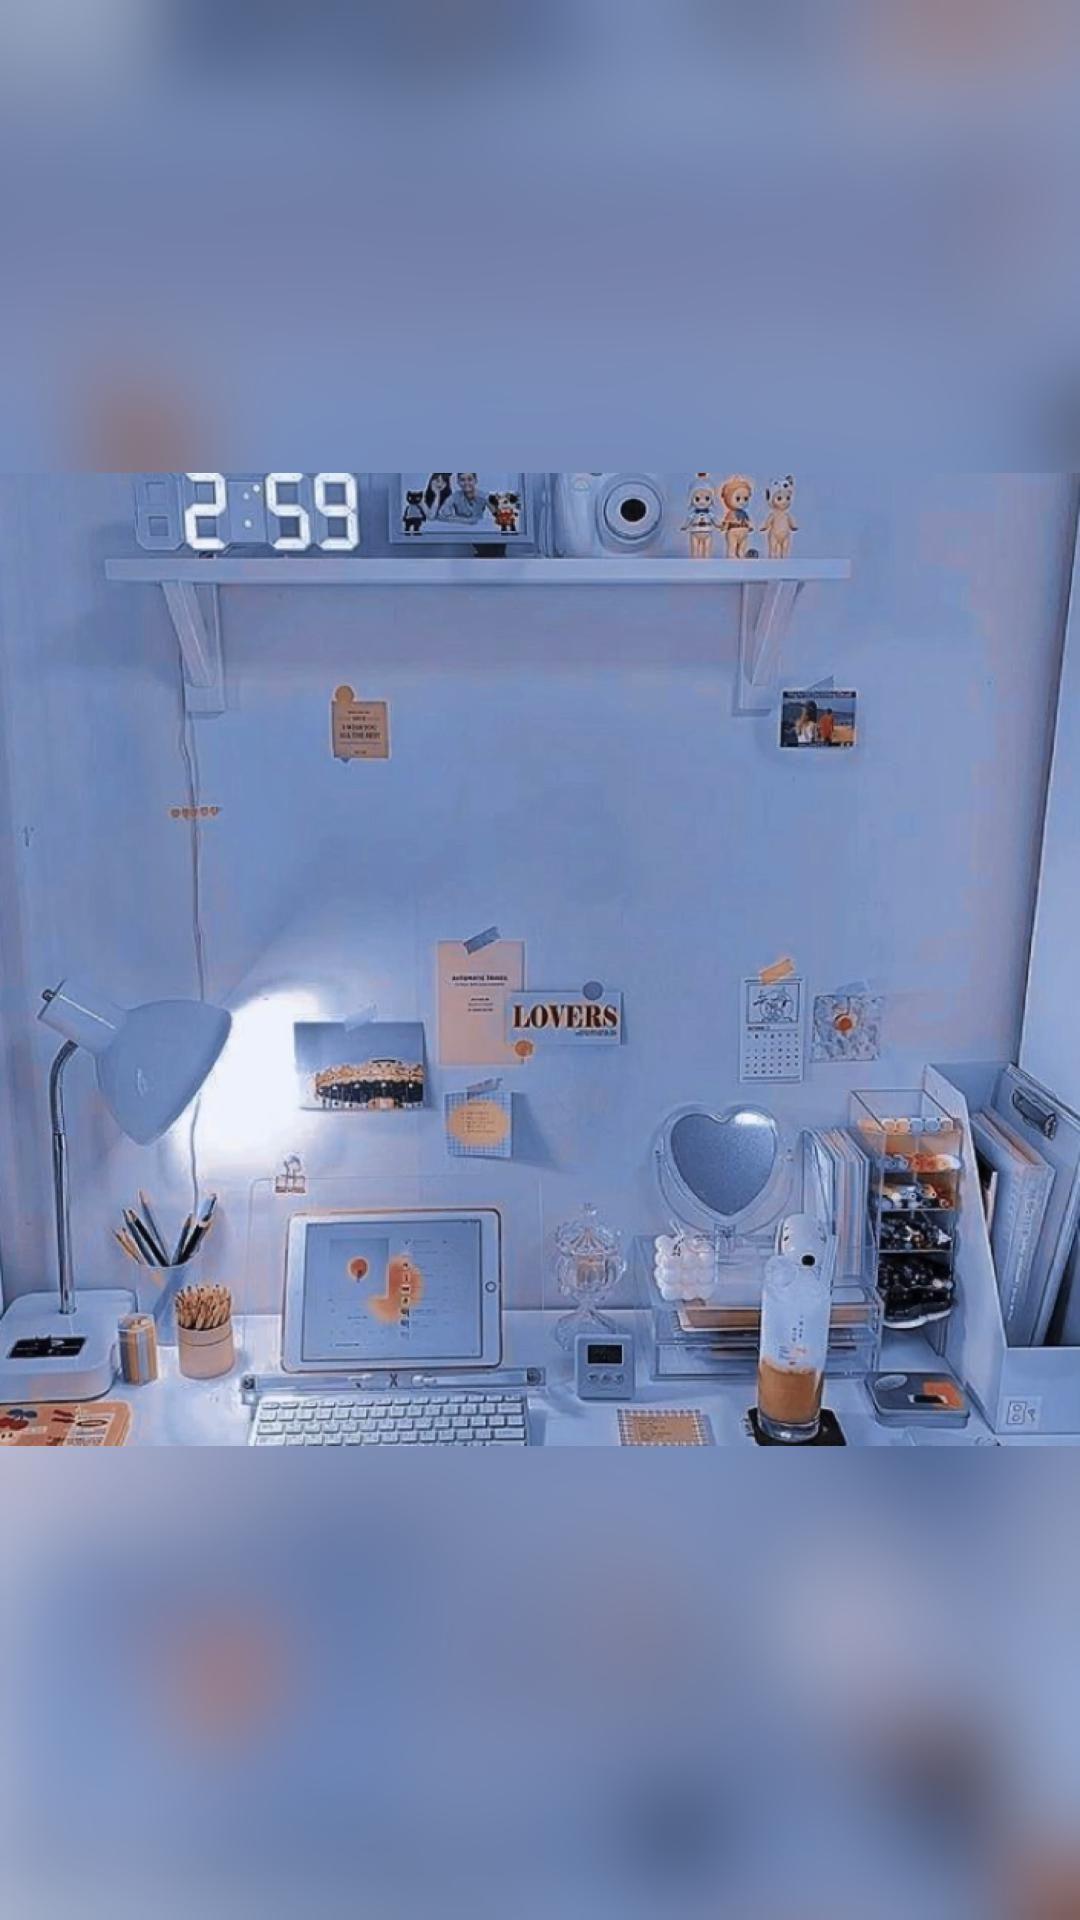 Light Blue Aesthetic Backgrounds/Wallpaper